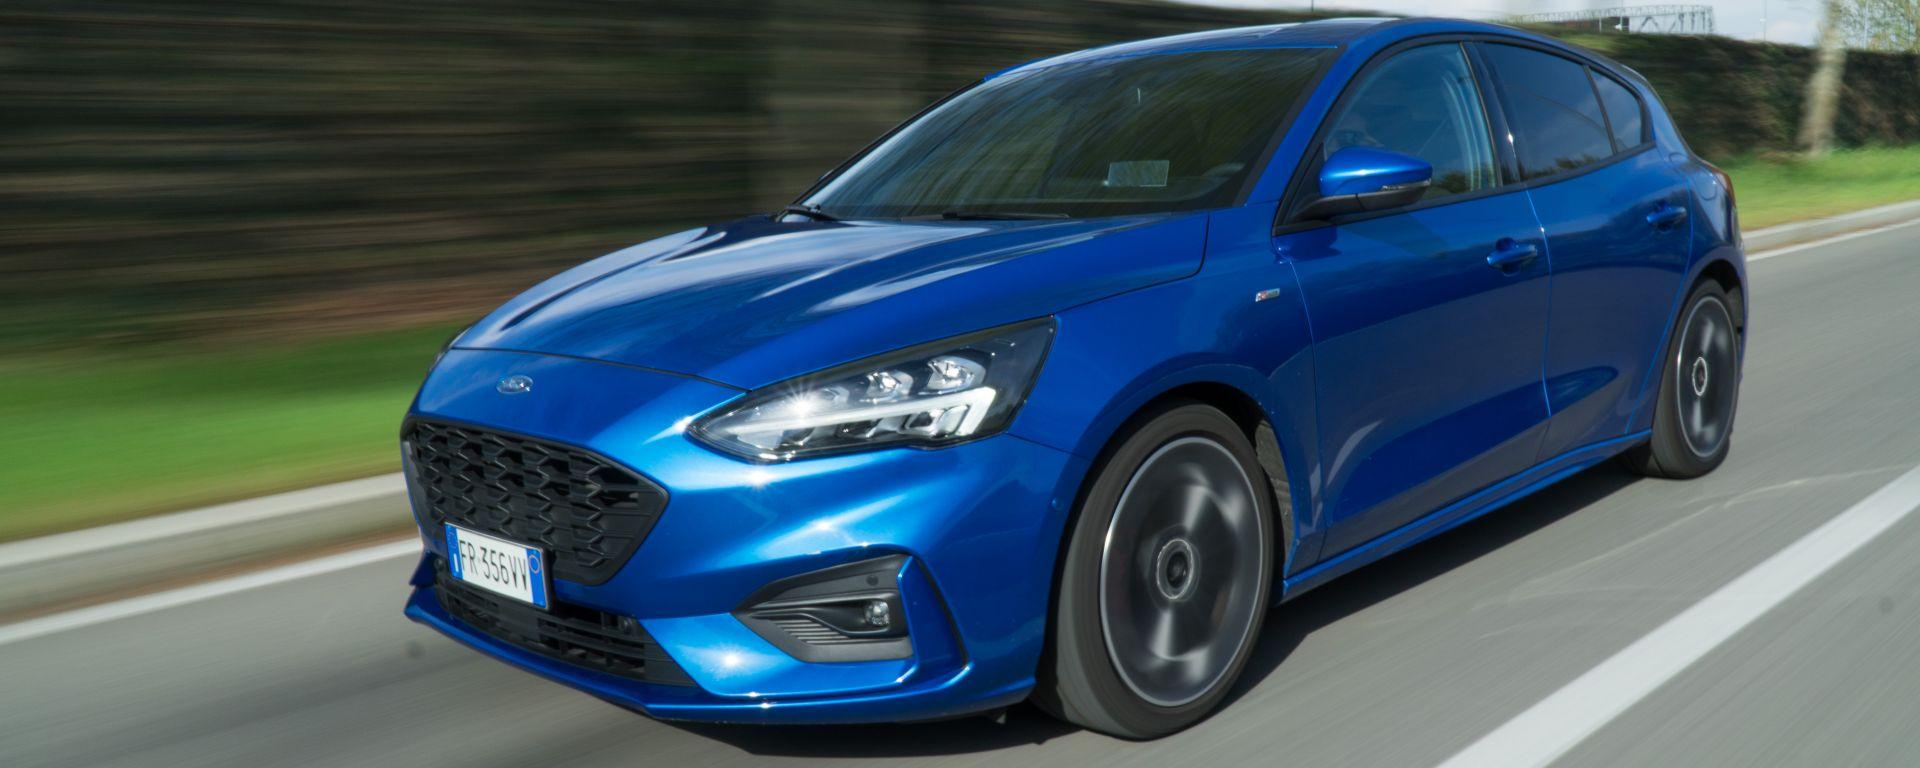 Ford Focus ST-Line 1.5 EcoBlue: linea sportiva, spazio e guida divertente